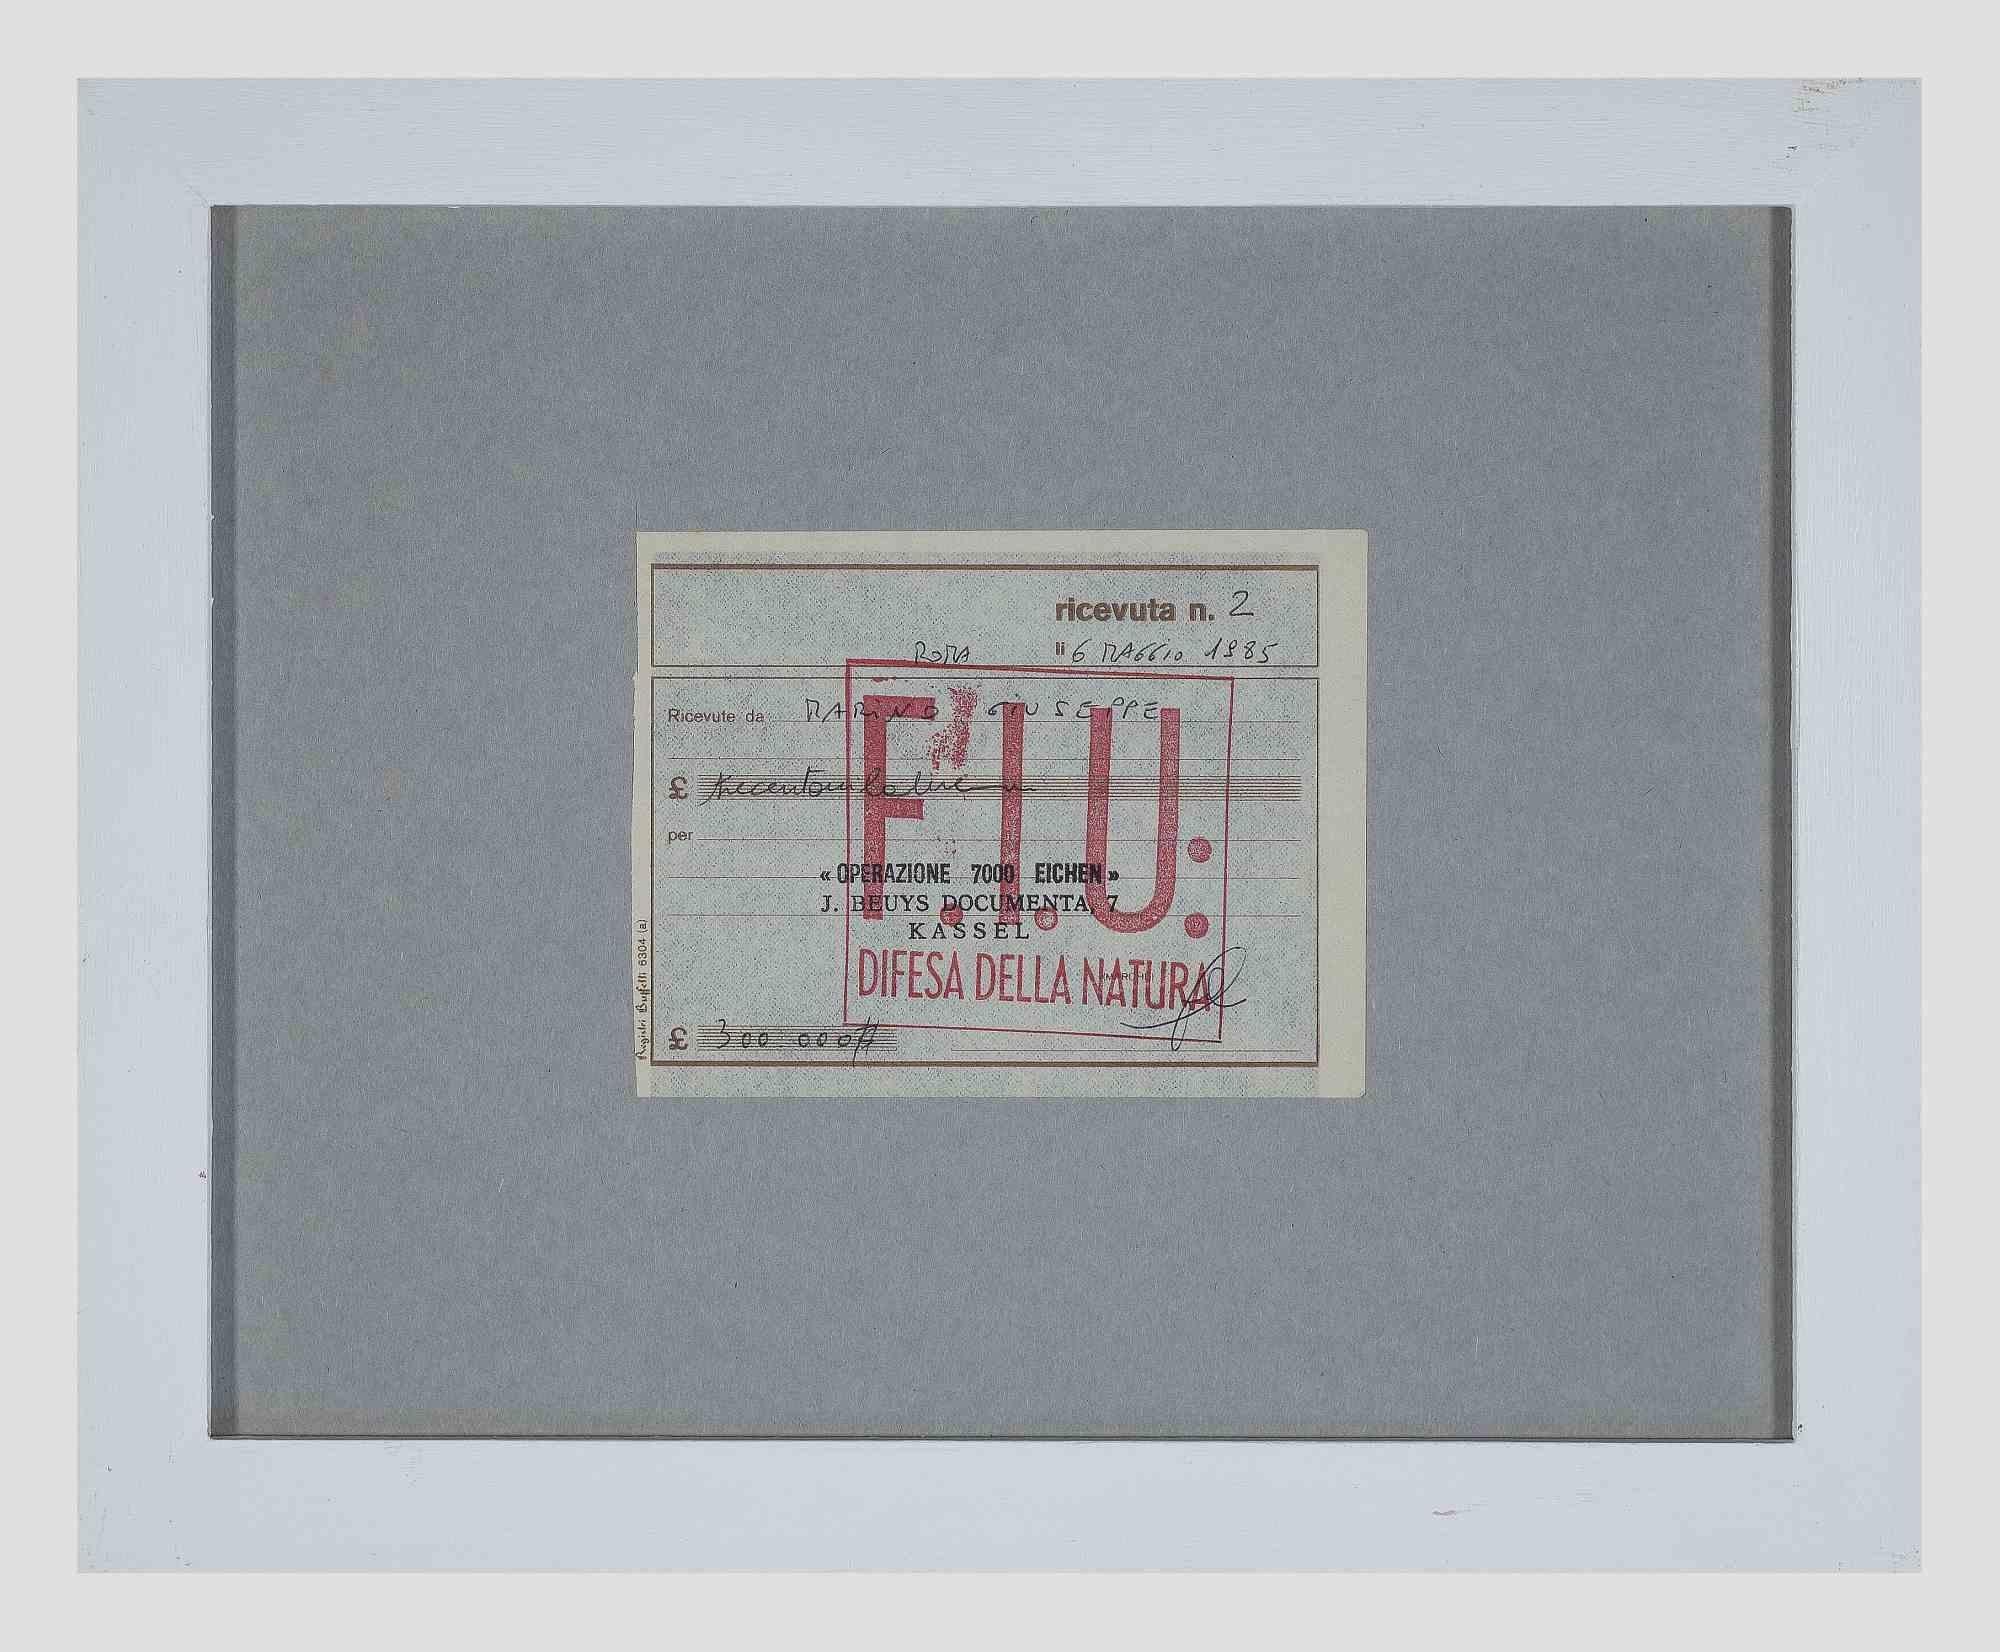 Operazione 7000 Eichen - Original Receipt by Joseph Beuys- 1984